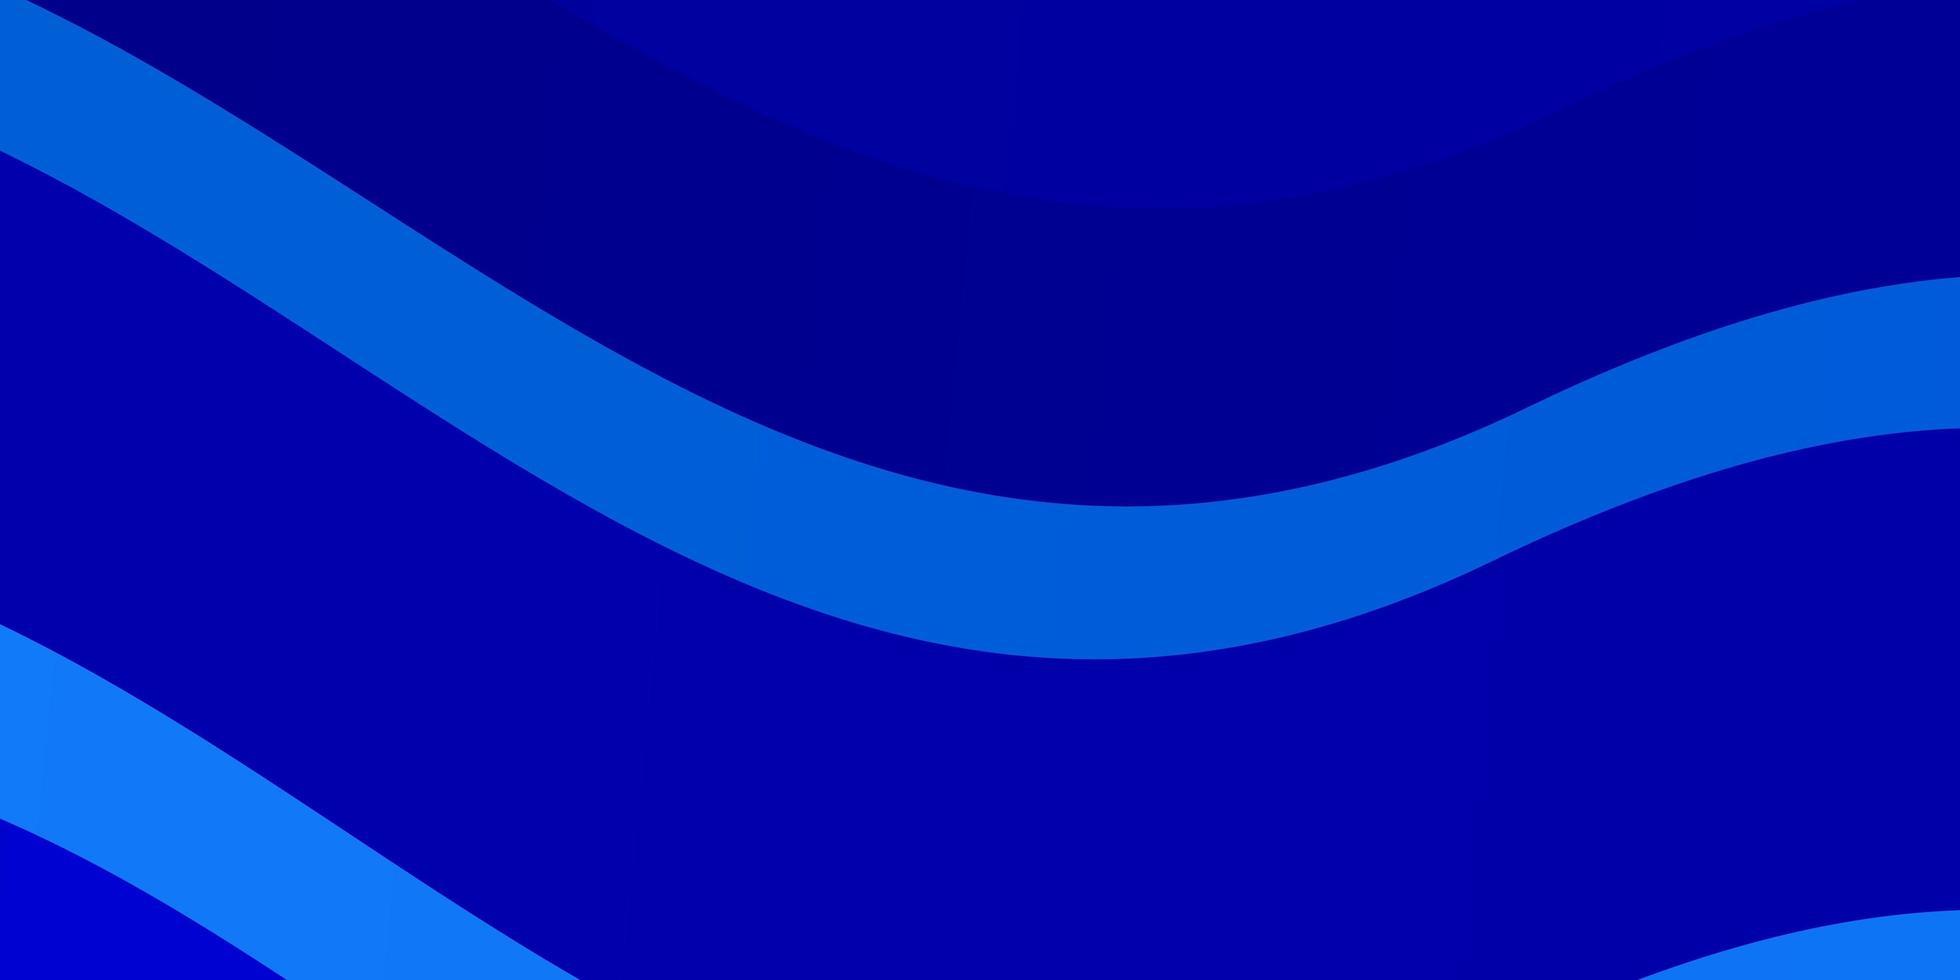 lichtblauw vectorpatroon met wrange lijnen. vector